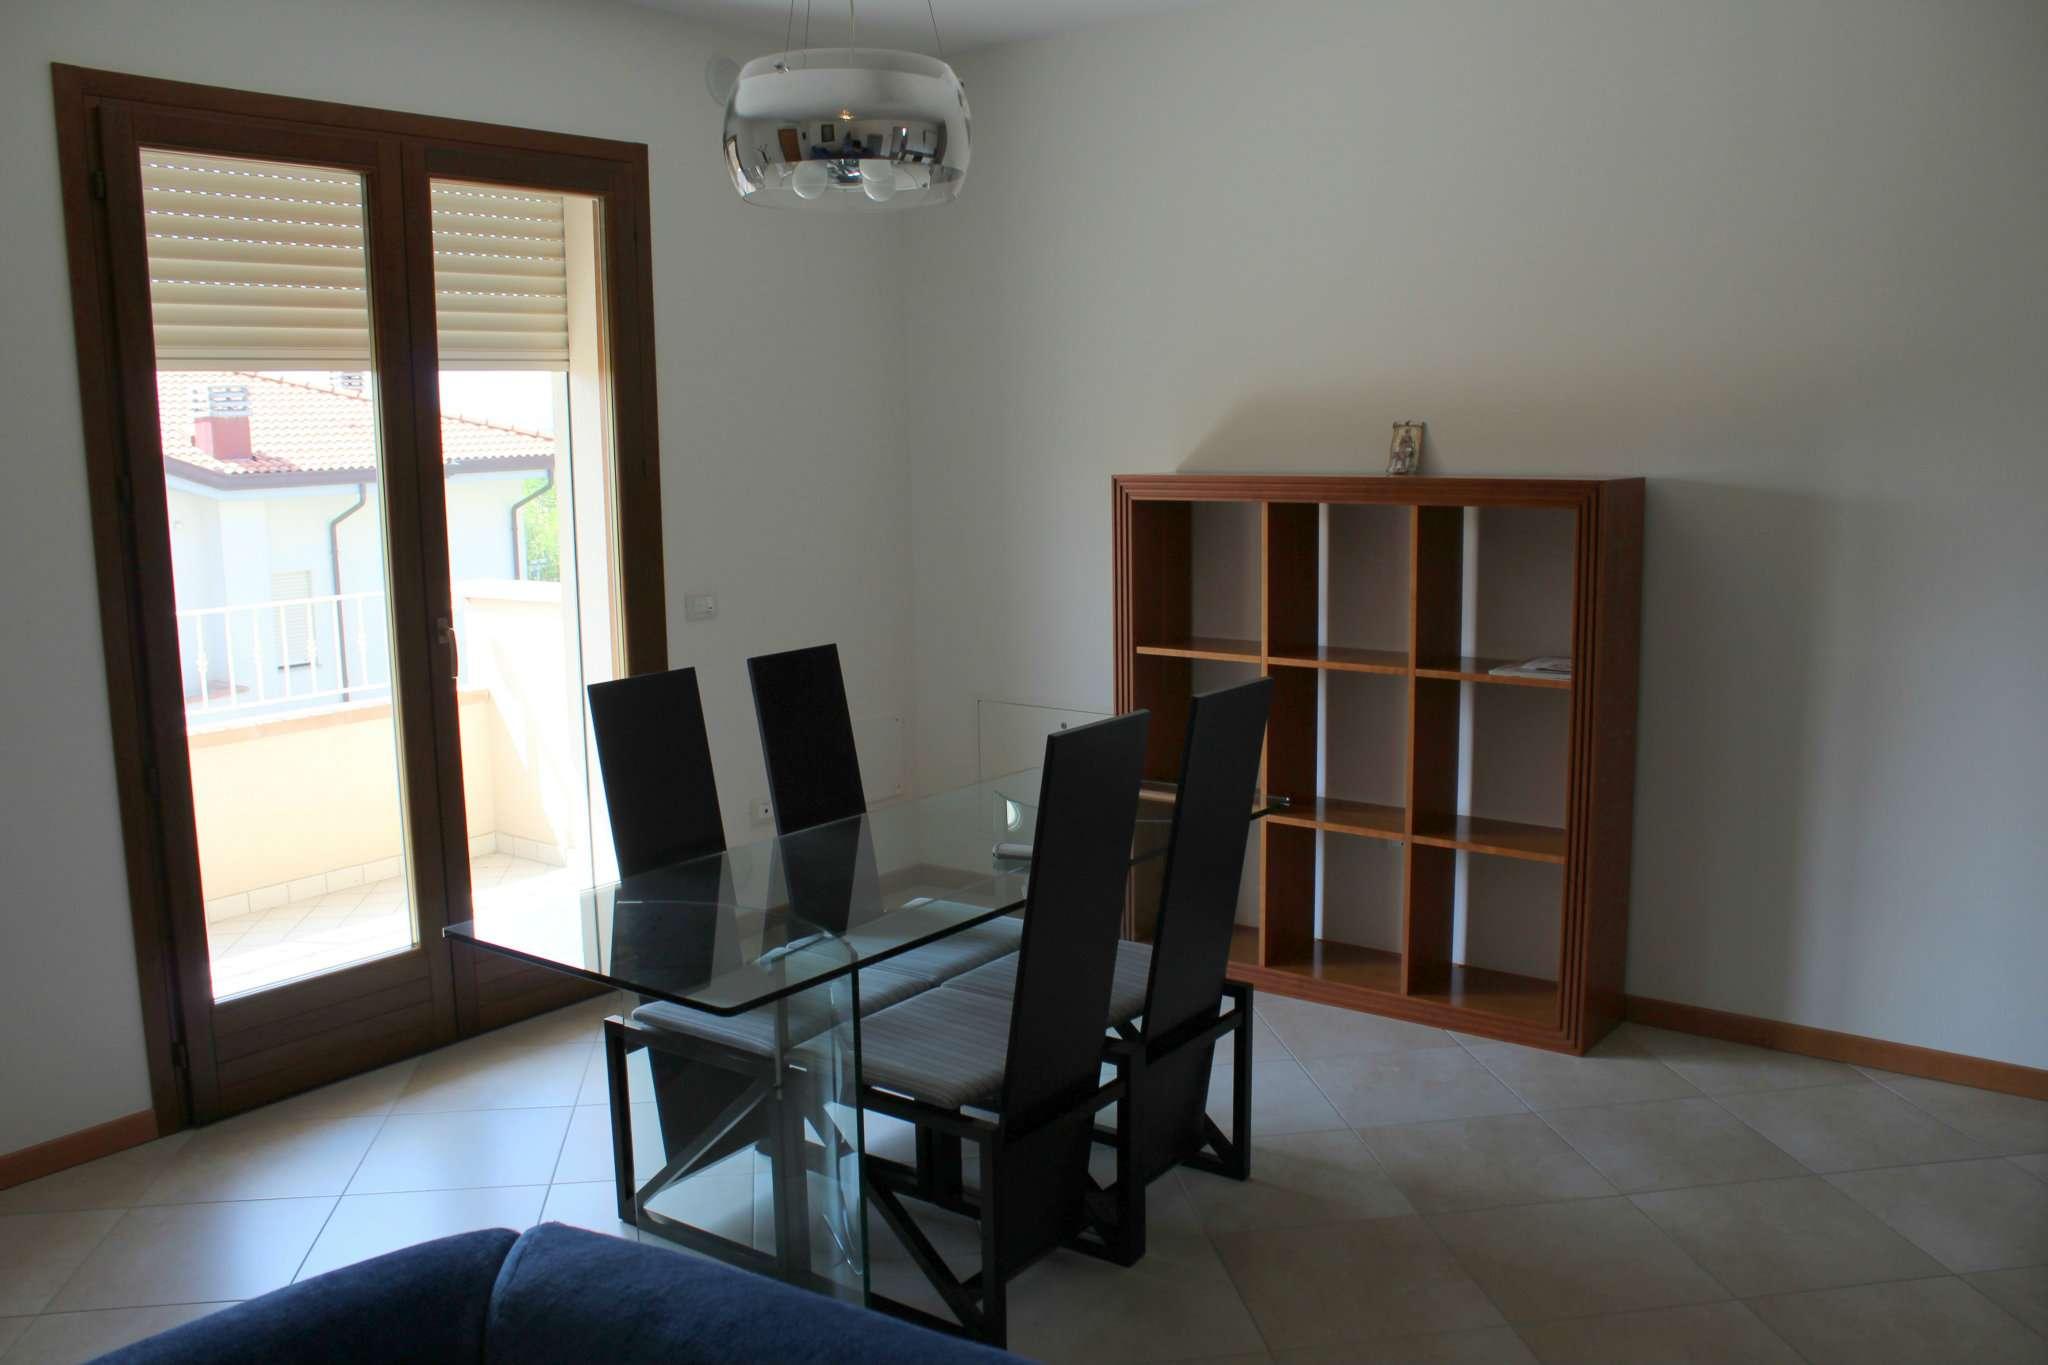 Appartamento in vendita a Tavullia, 4 locali, prezzo € 170.000   CambioCasa.it